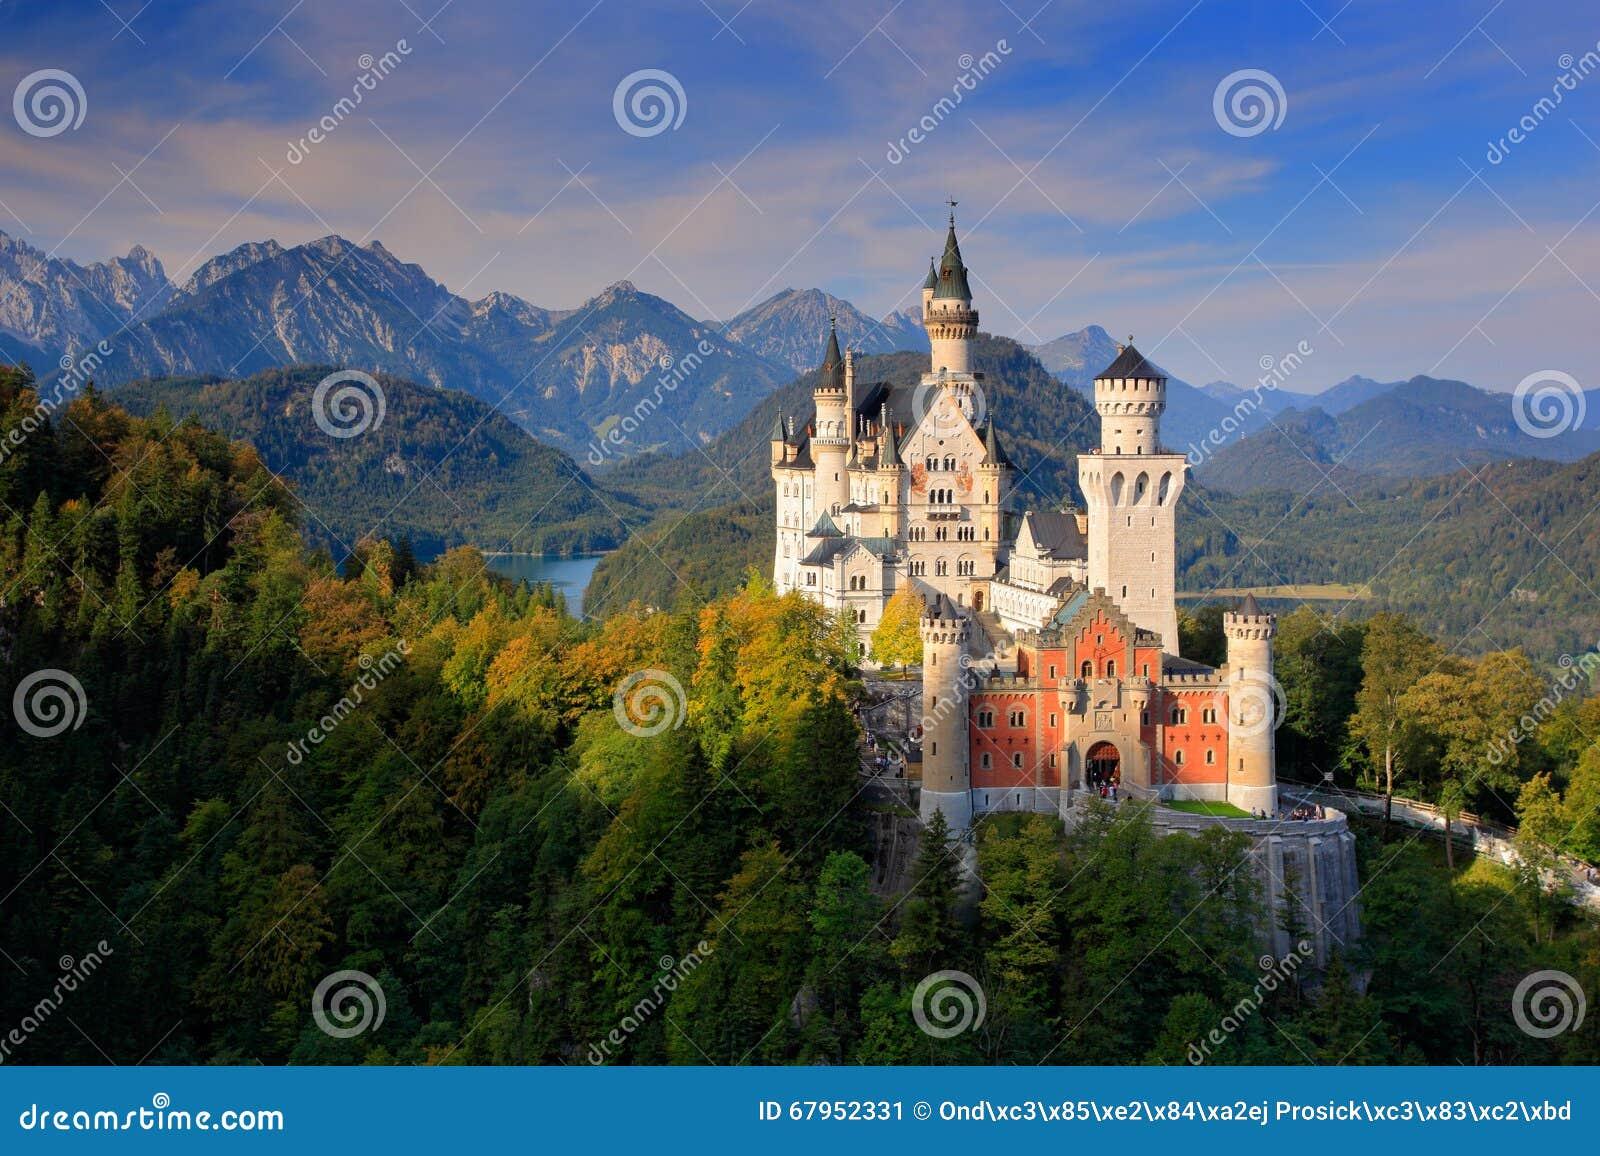 Διάσημο παραμύθι Neuschwanstein Castle στη Βαυαρία, Γερμανία, αργά το απόγευμα με το μπλε ουρανό με τα άσπρα σύννεφα